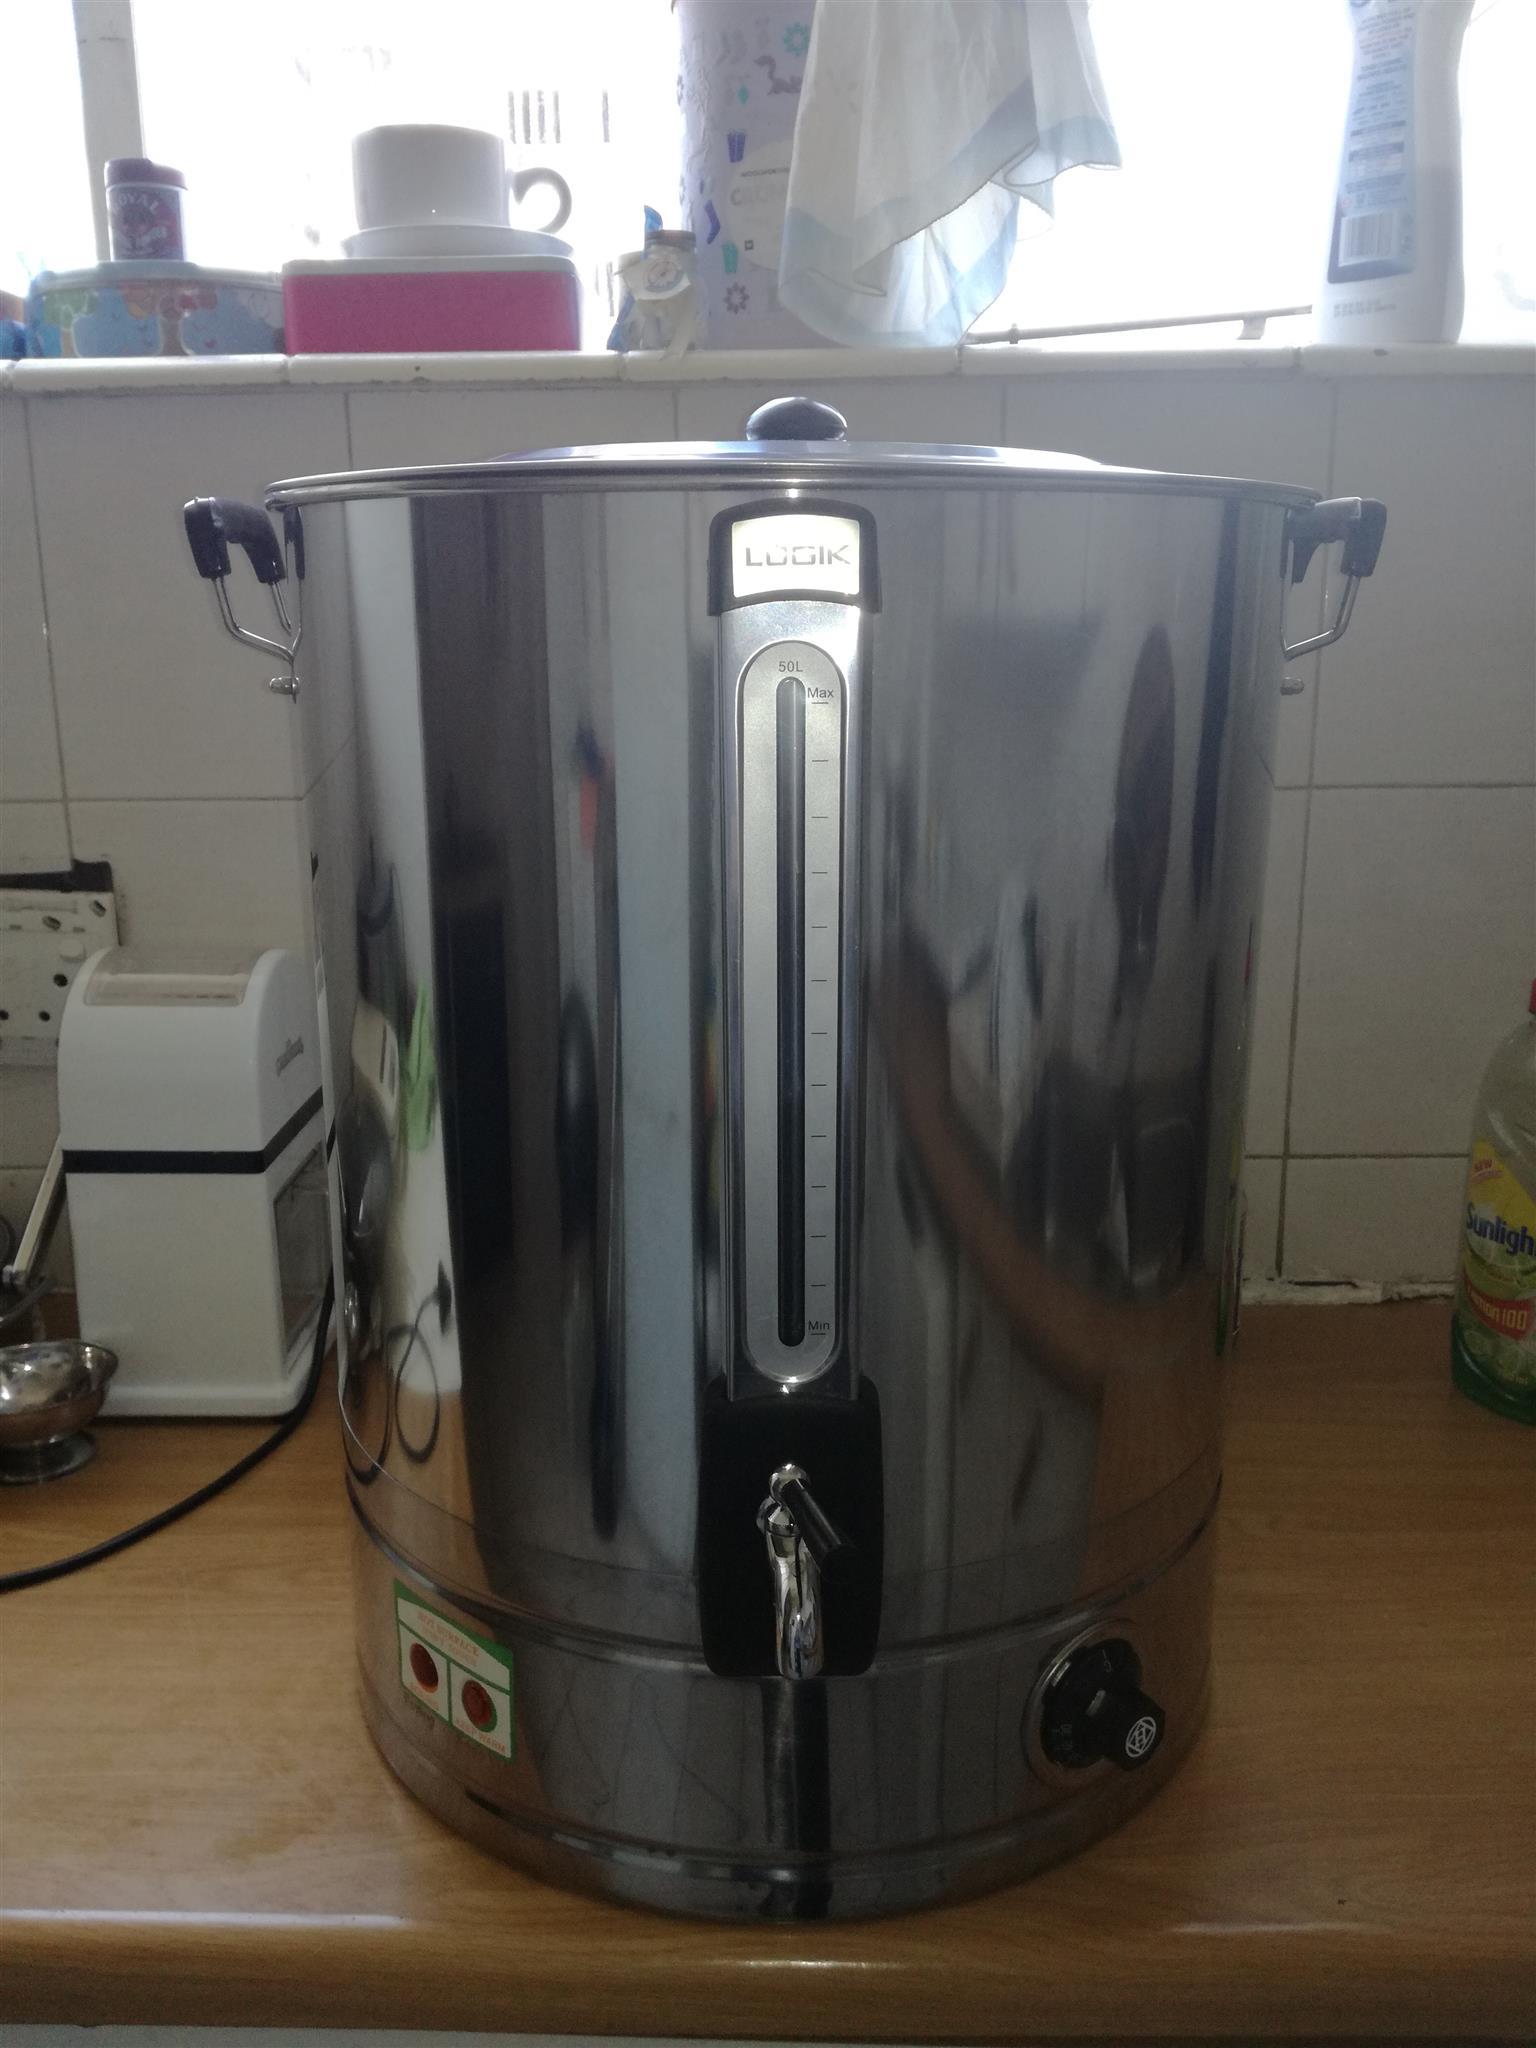 Logic Hot water Urn